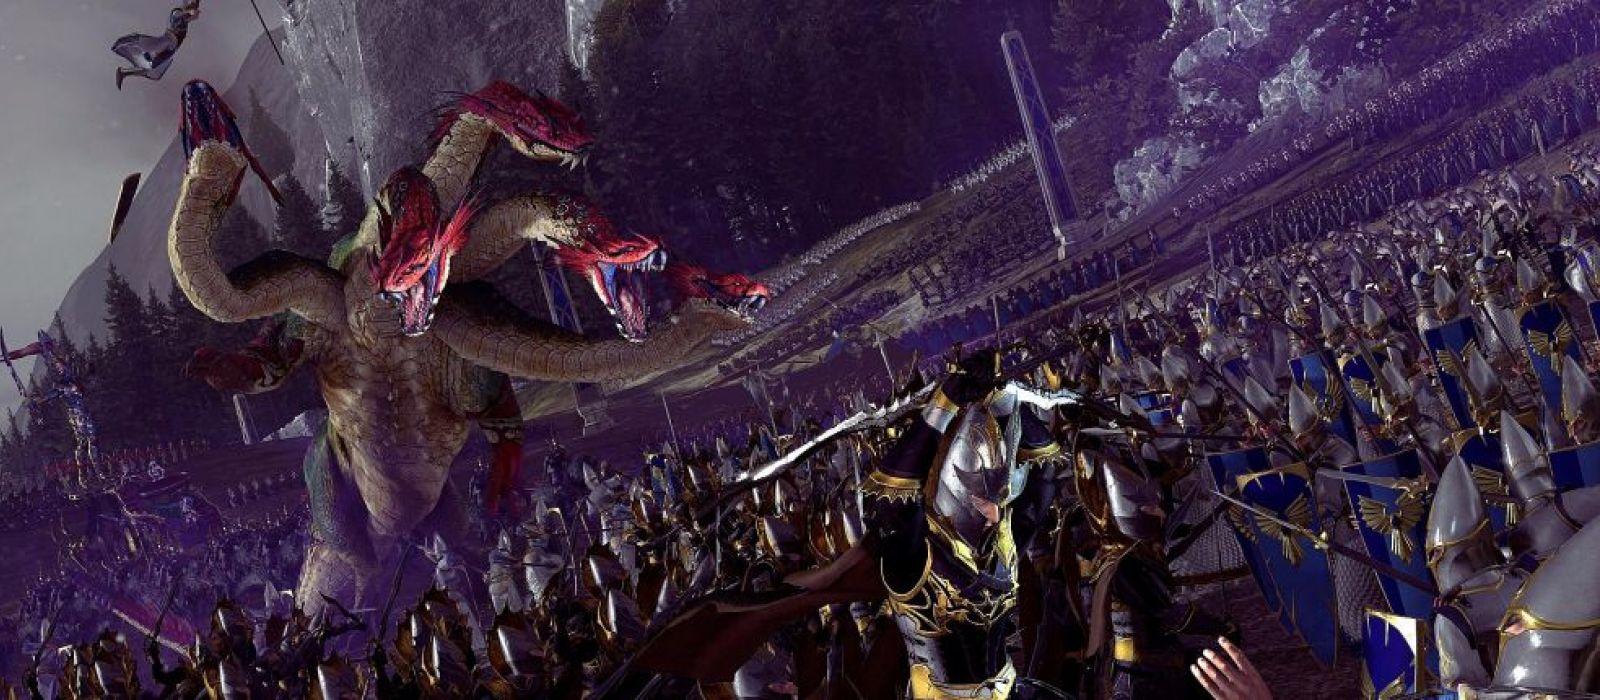 Как побеждать в Total War: Warhammer 2 - Гайд по тактике ведения боя